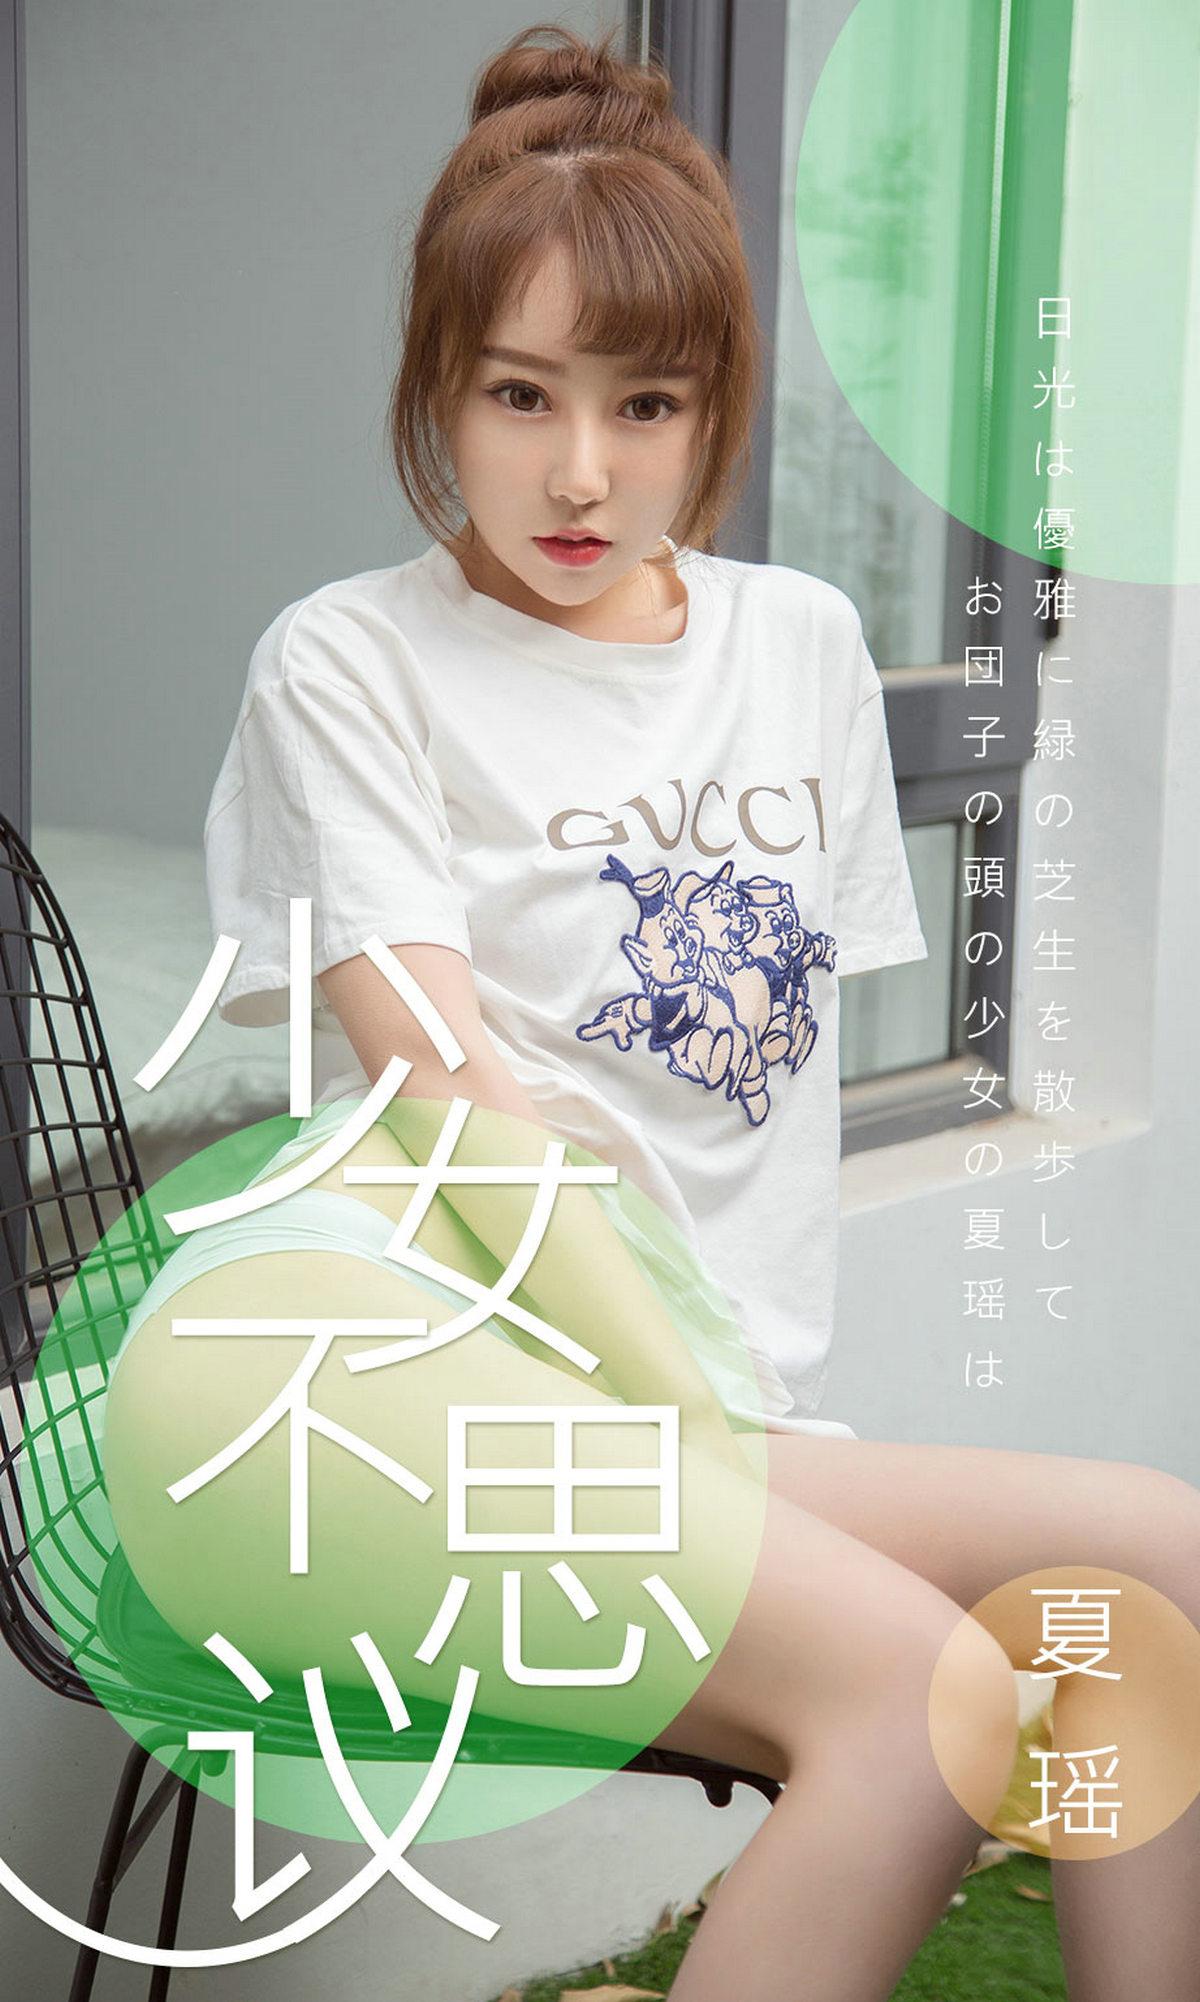 [Ugirls]爱尤物 No.1414 少女不思议 夏瑶 [